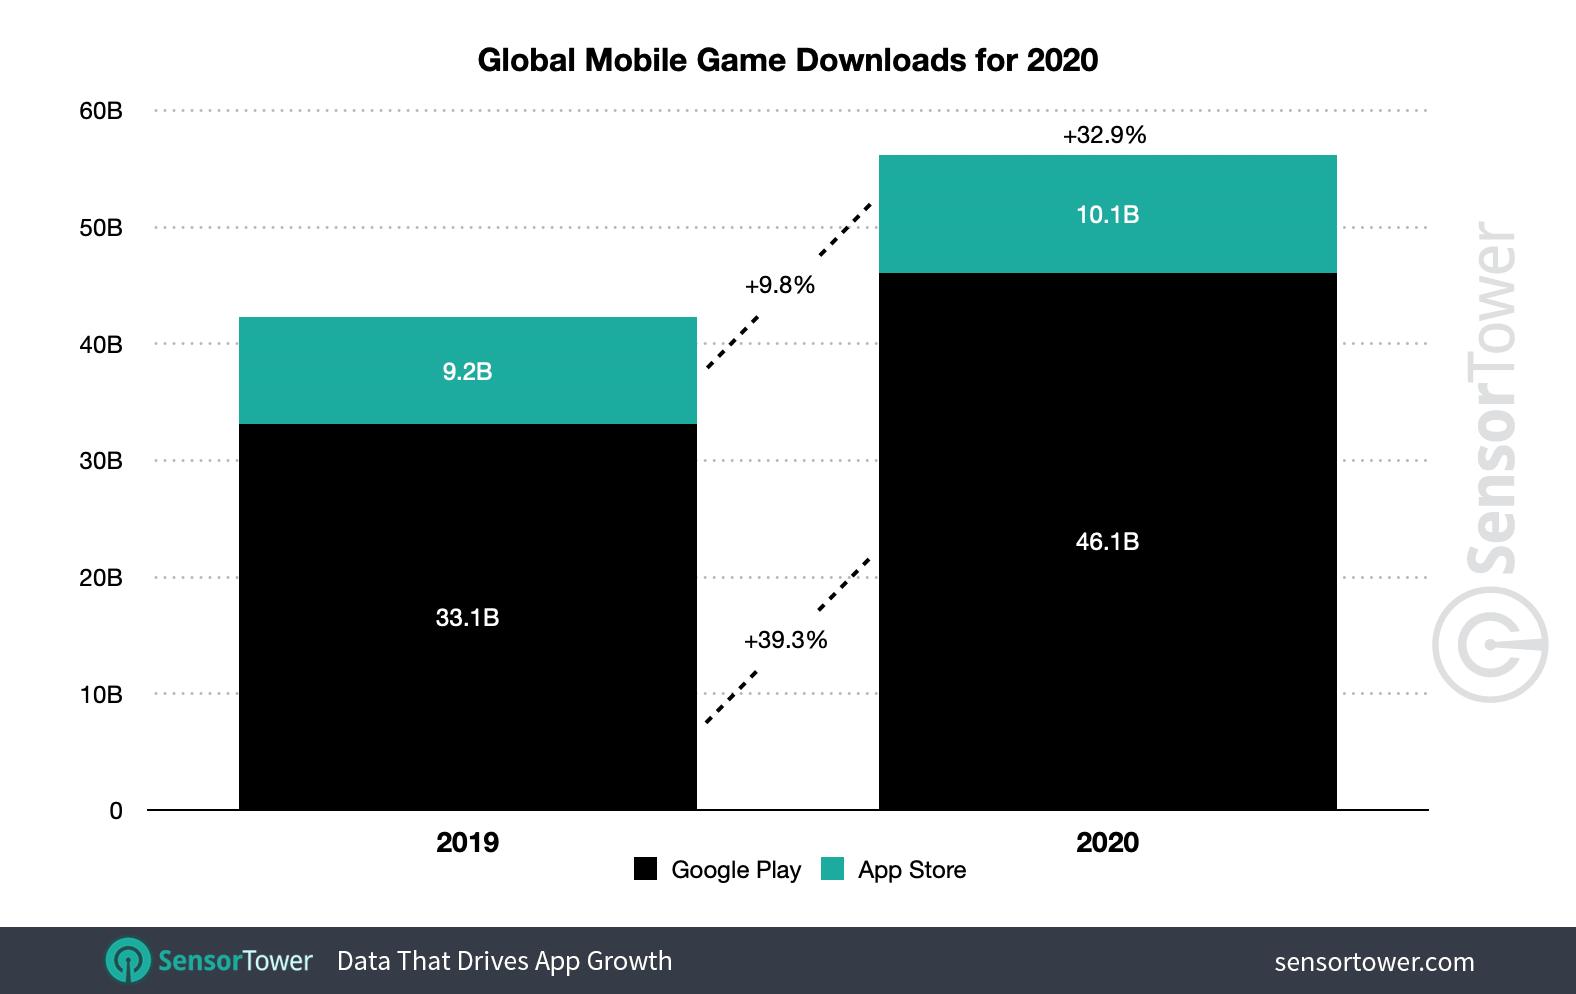 Os downloads mundiais de jogos para celular cresceram quase 33%, para 56,2 bilhões em 2020.